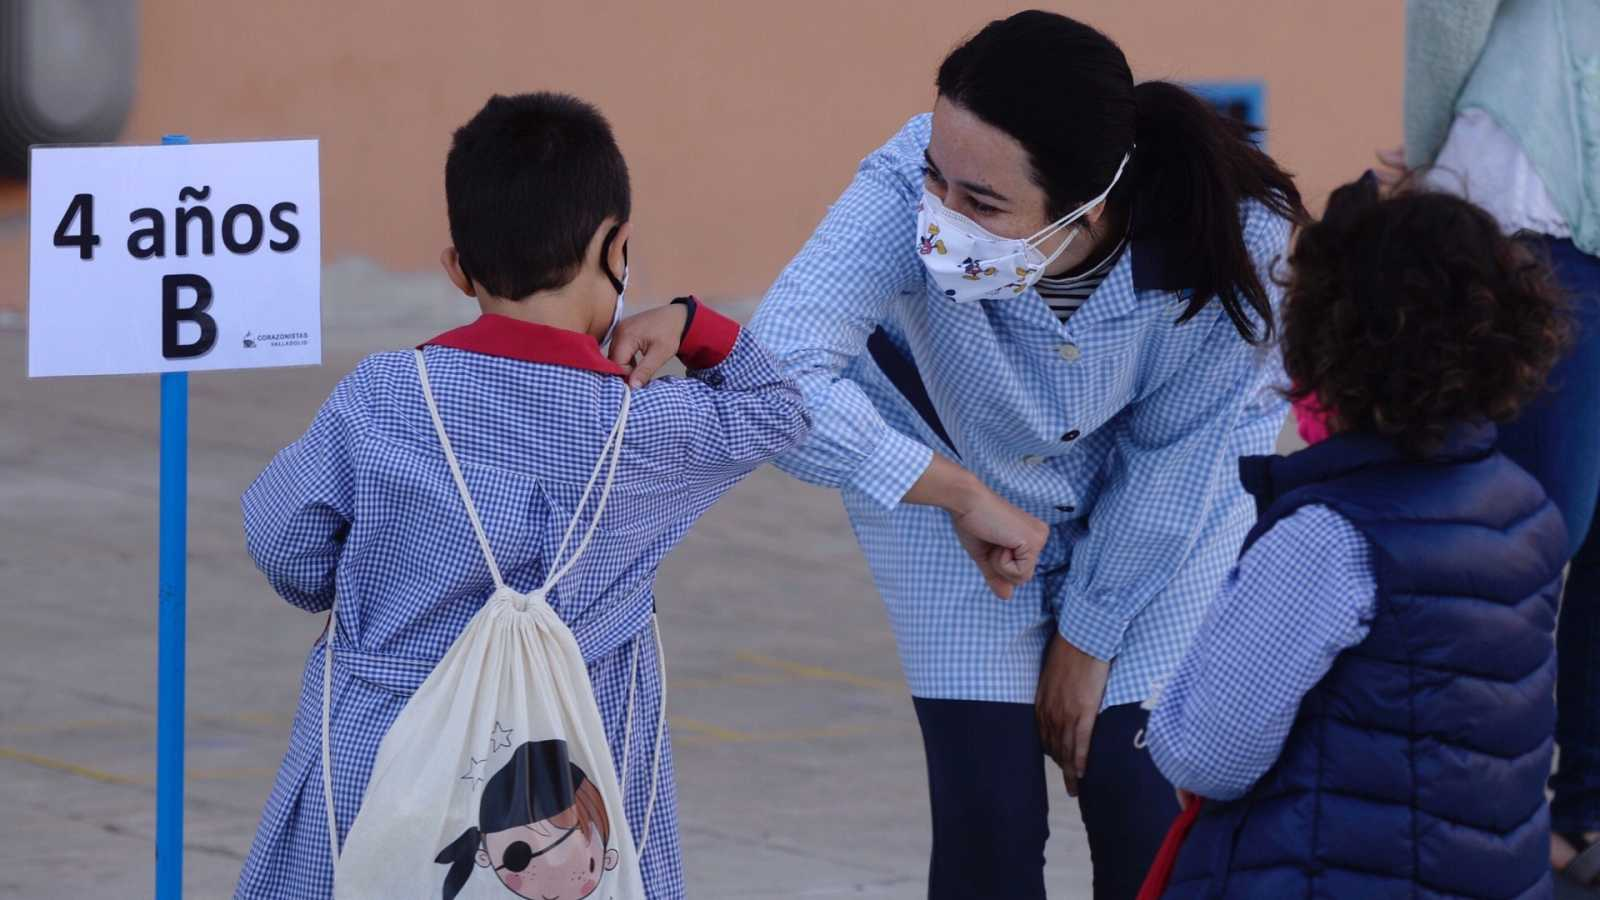 Una profesora y un alumno se saludan en un colegio de Valladolid.